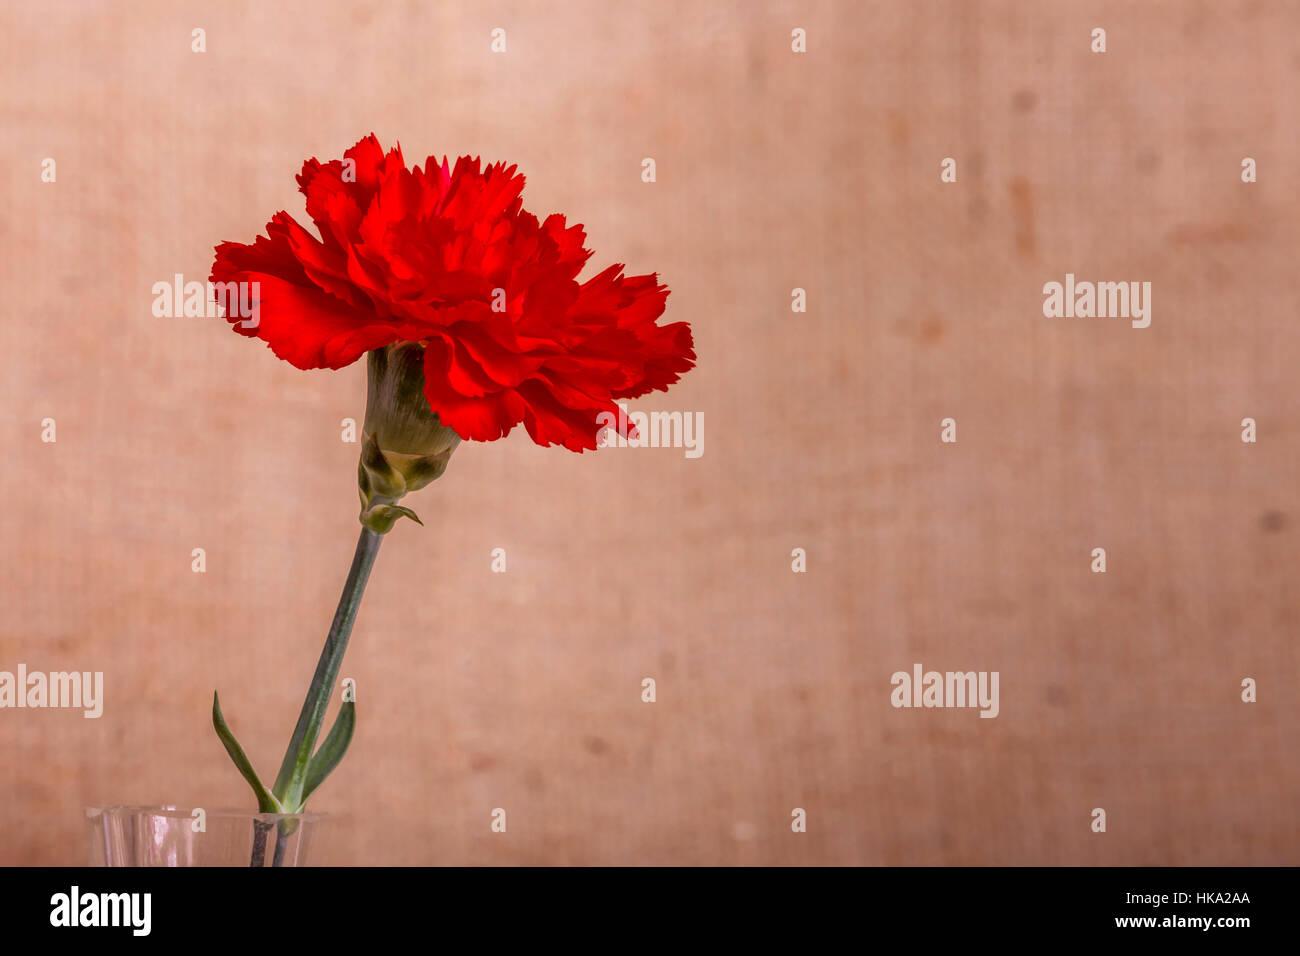 Single stem red carnation dianthus caryophyllus in a glass vase single stem red carnation dianthus caryophyllus in a glass vase reviewsmspy